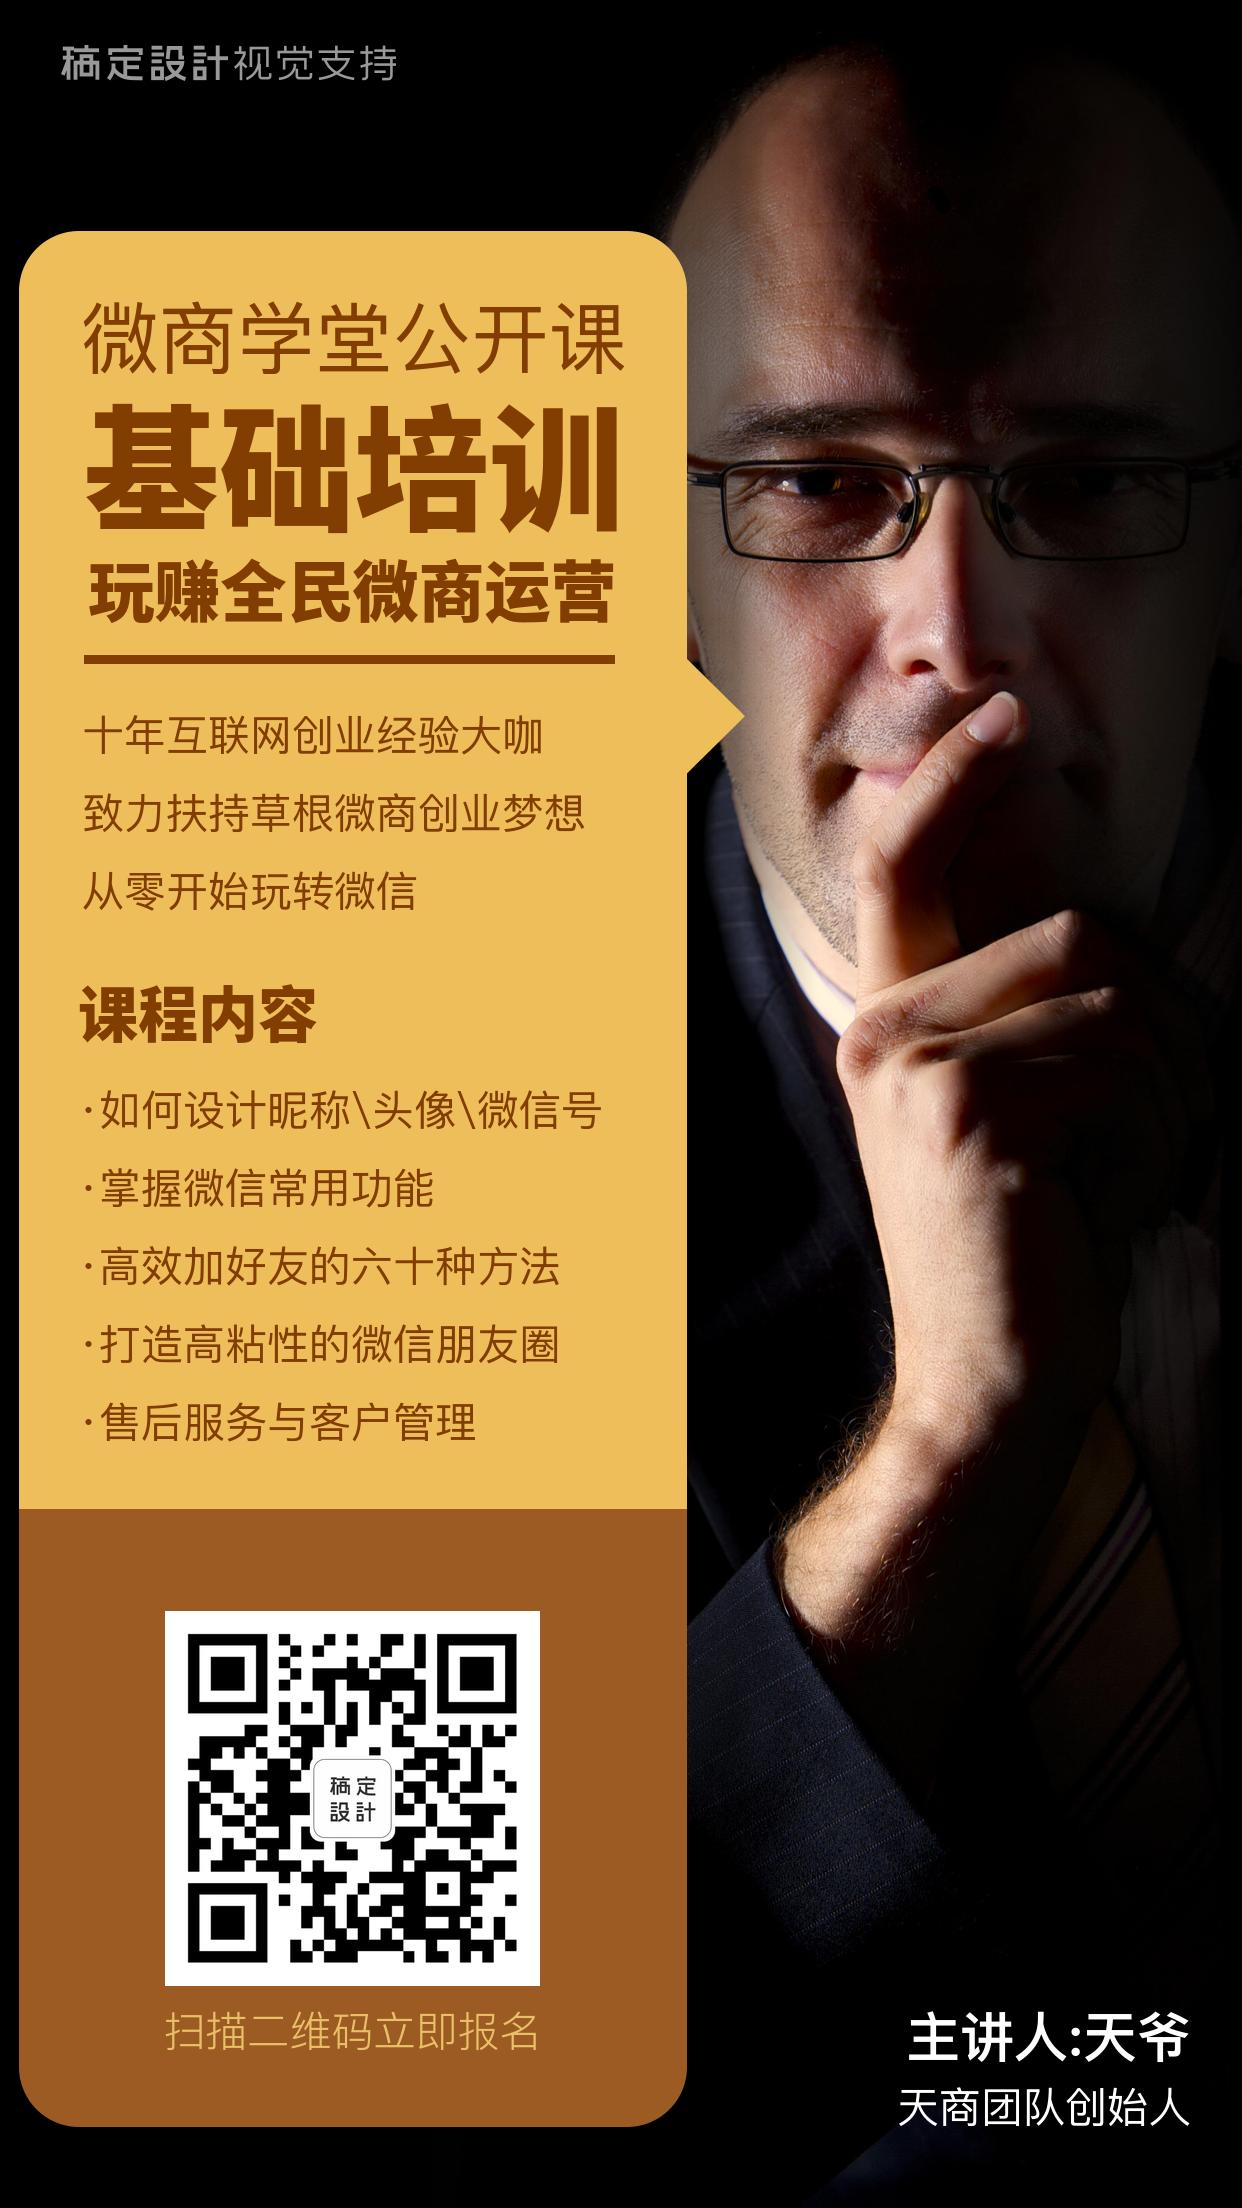 微商基础培训课程介绍